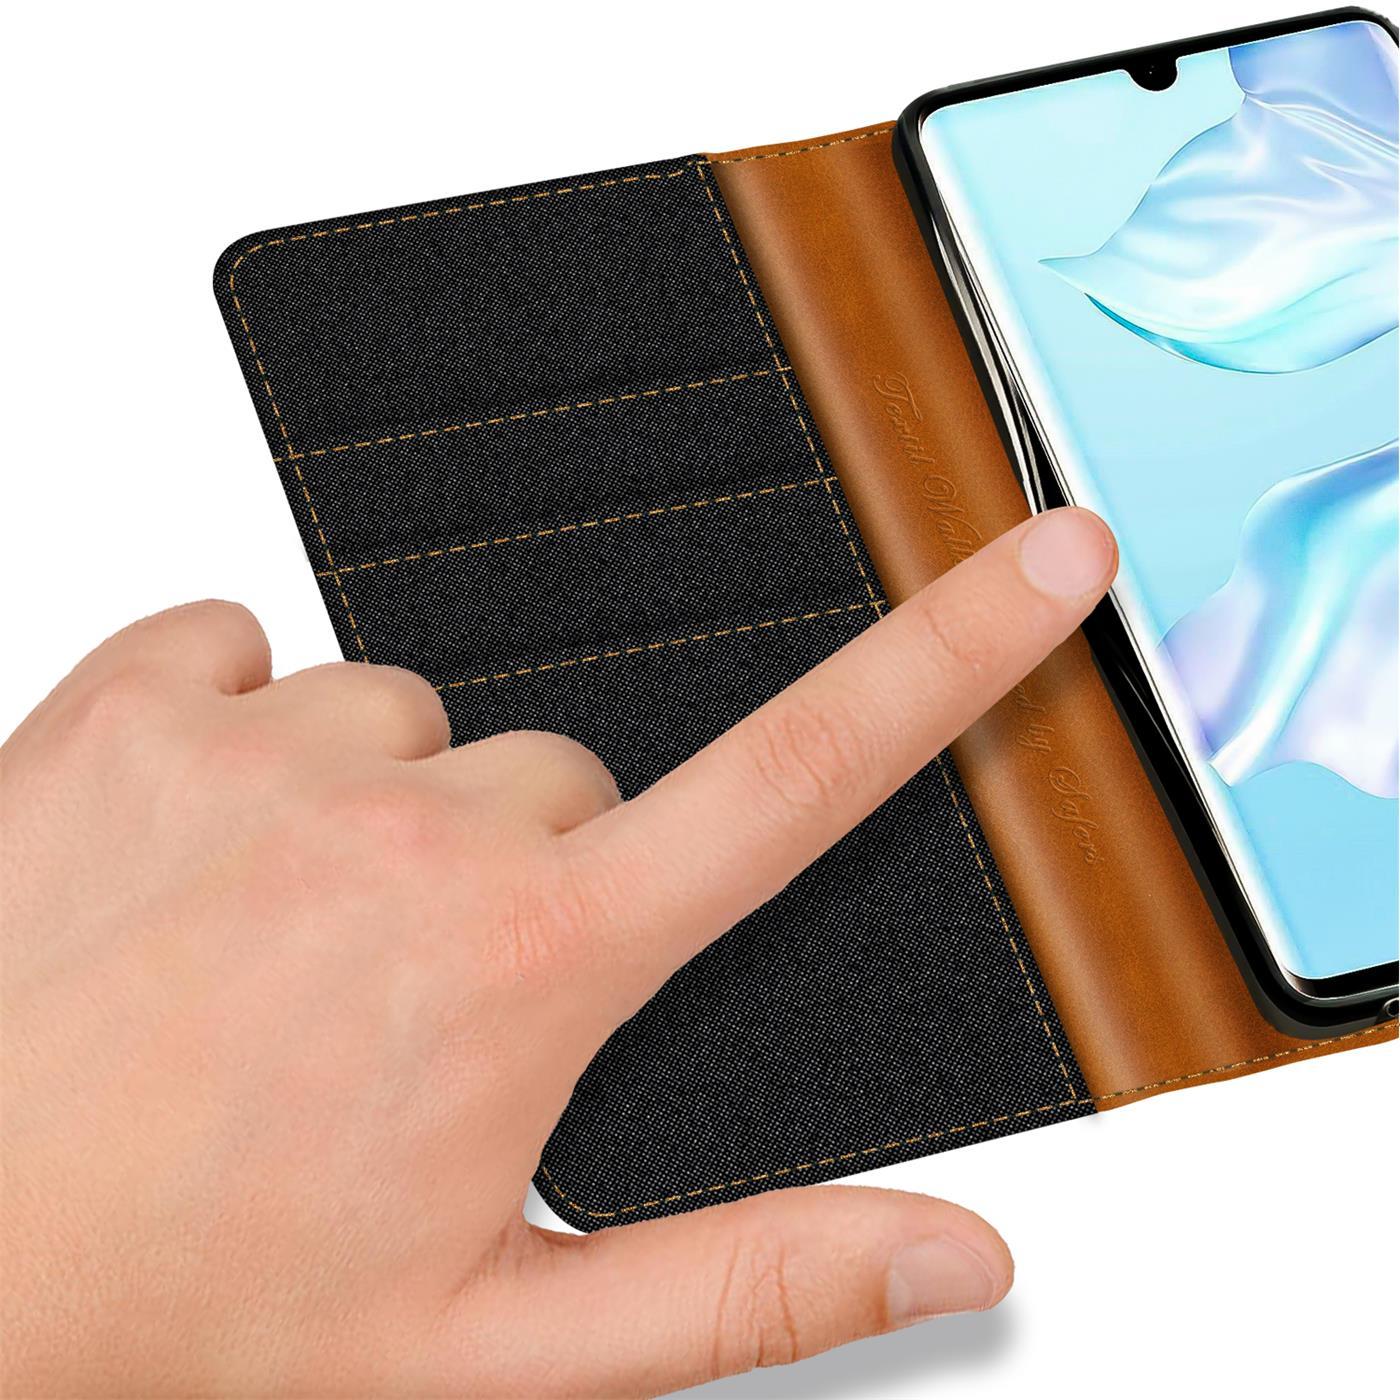 Schutzhuelle-Handy-Huelle-Flip-Case-Klapp-Tasche-Book-Case-Cover-Handyhuelle-Etui Indexbild 12